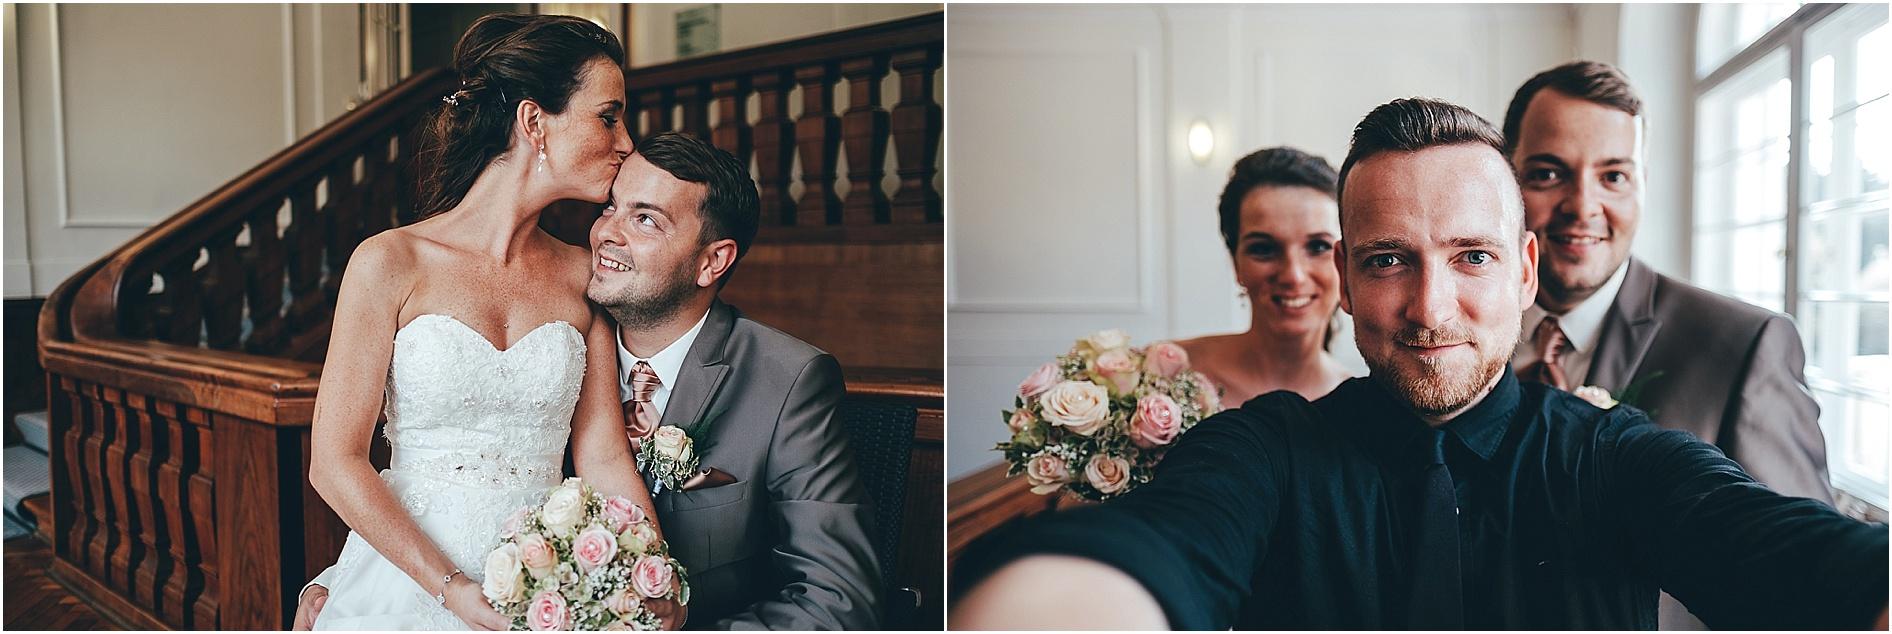 Hochzeitsfotograf Schwerin, Schloss Hasenwinkel, Caro und Marc, 2017-01-17_0091.jpg